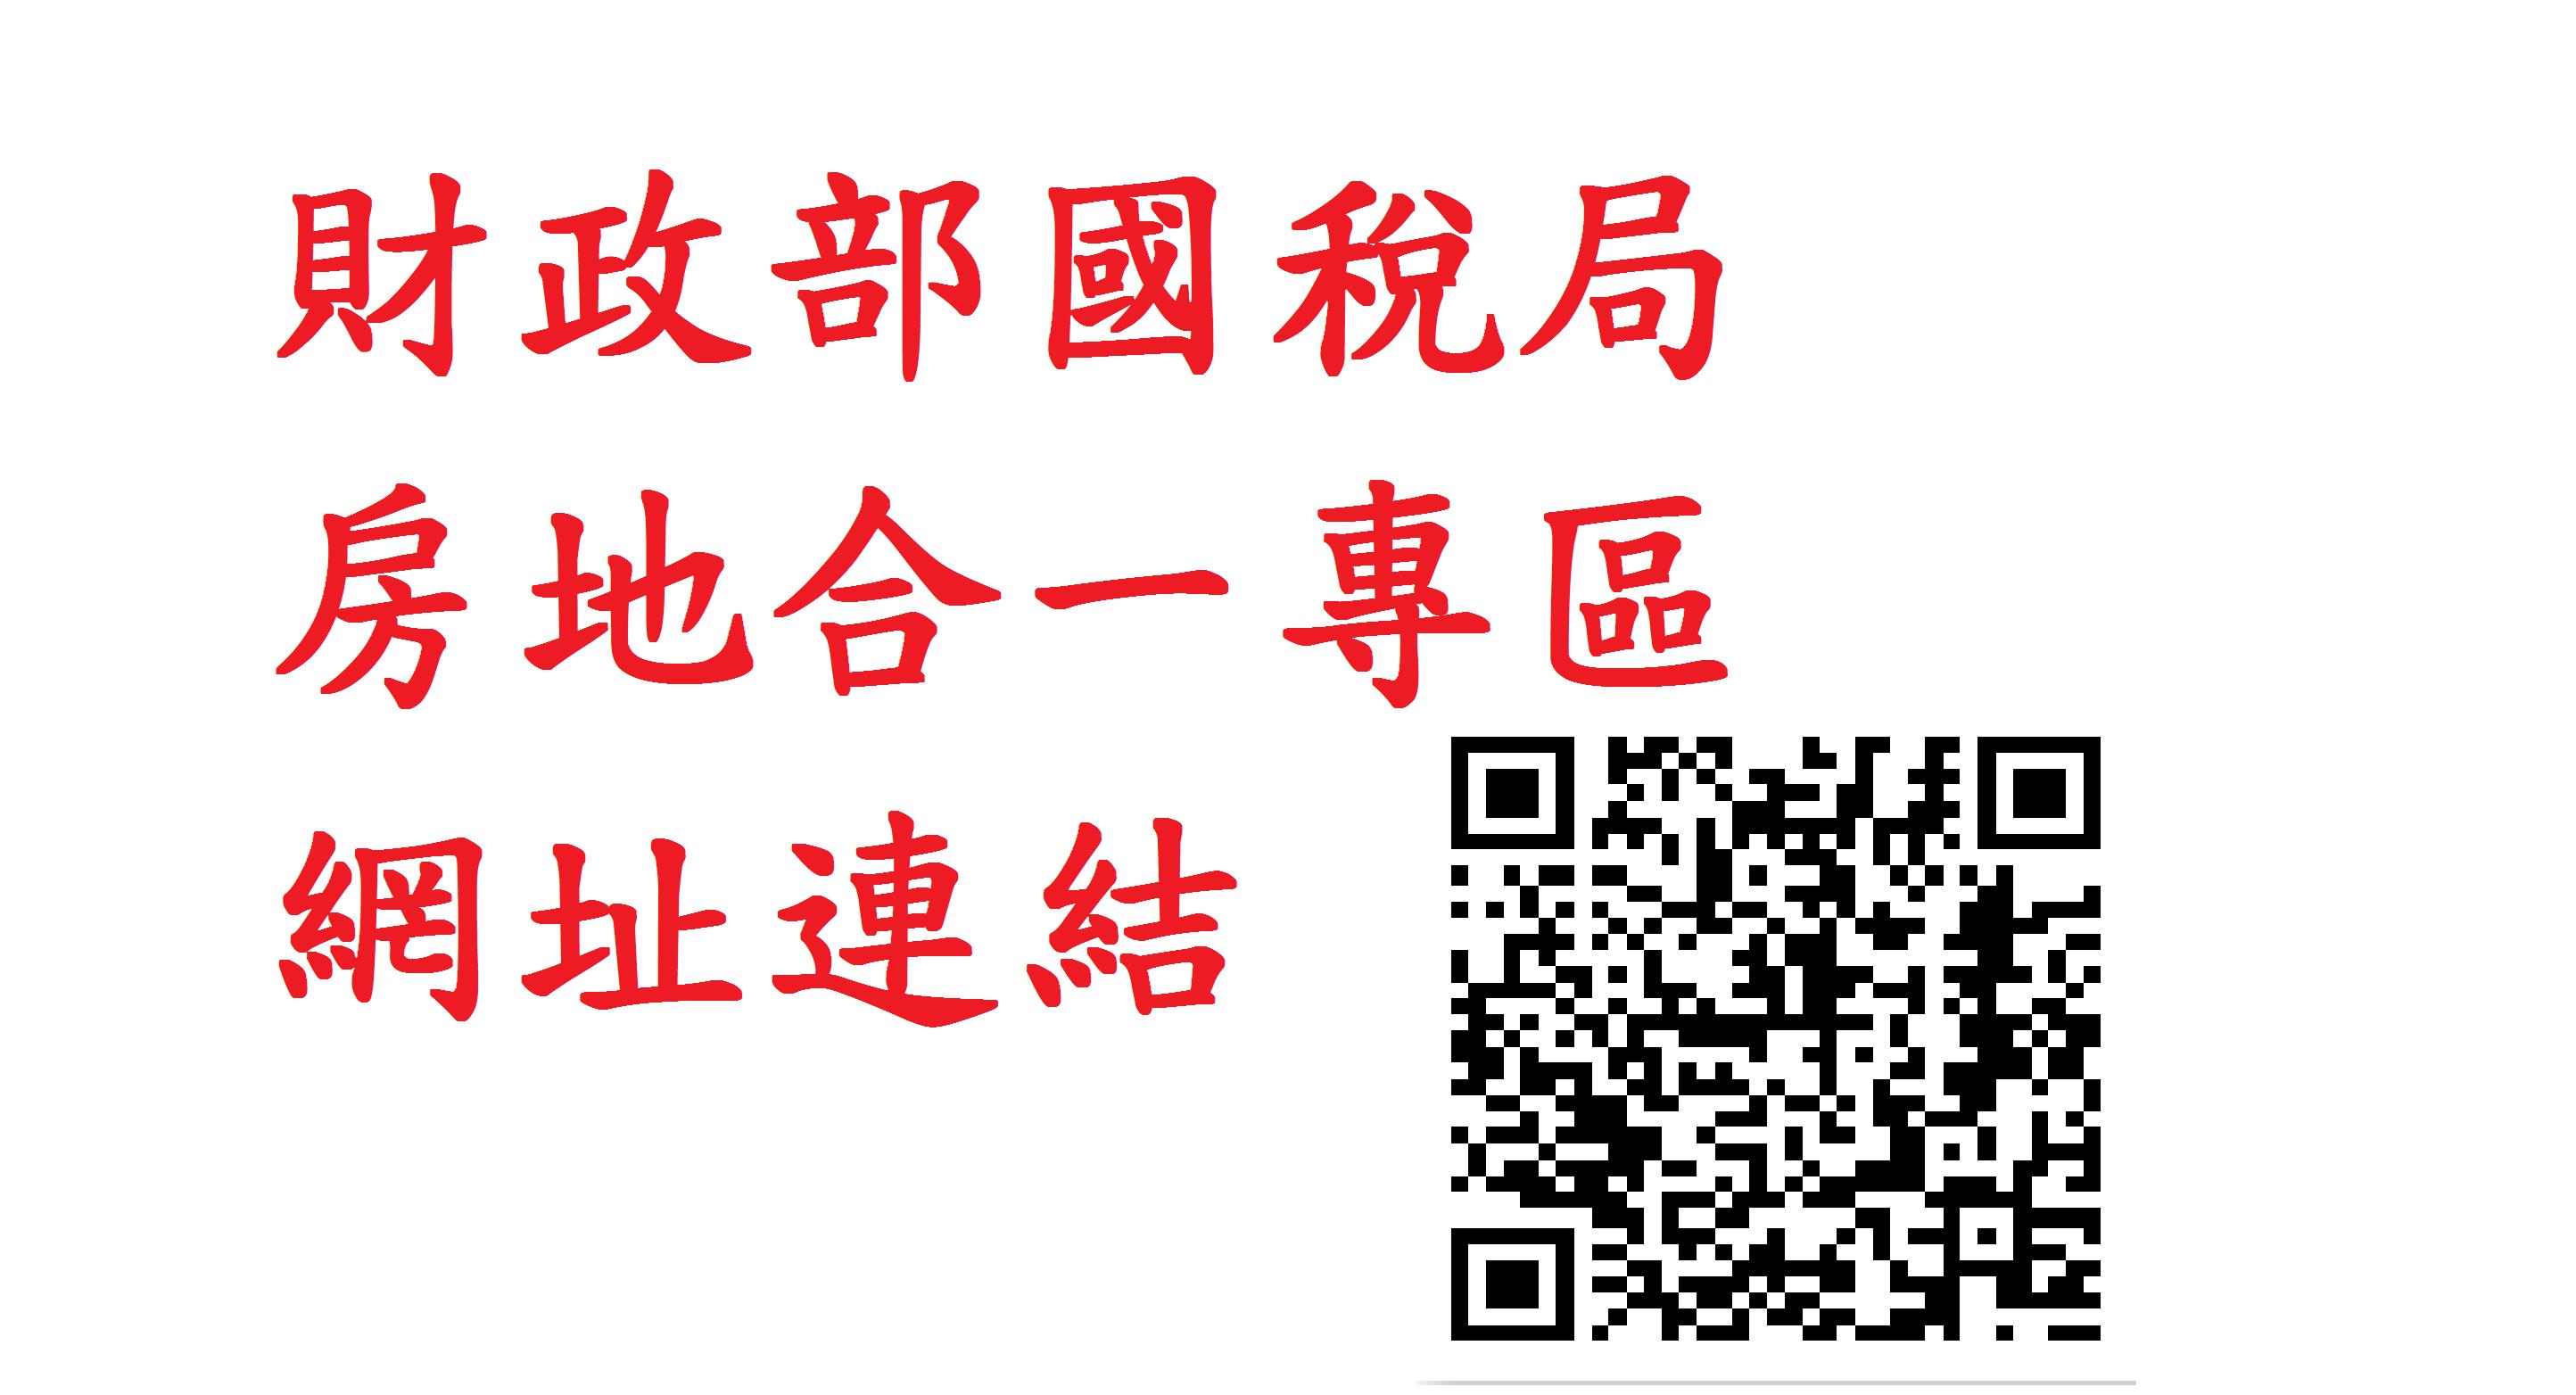 財政部國稅局房地合一專區QR Code或連結網址_圖示